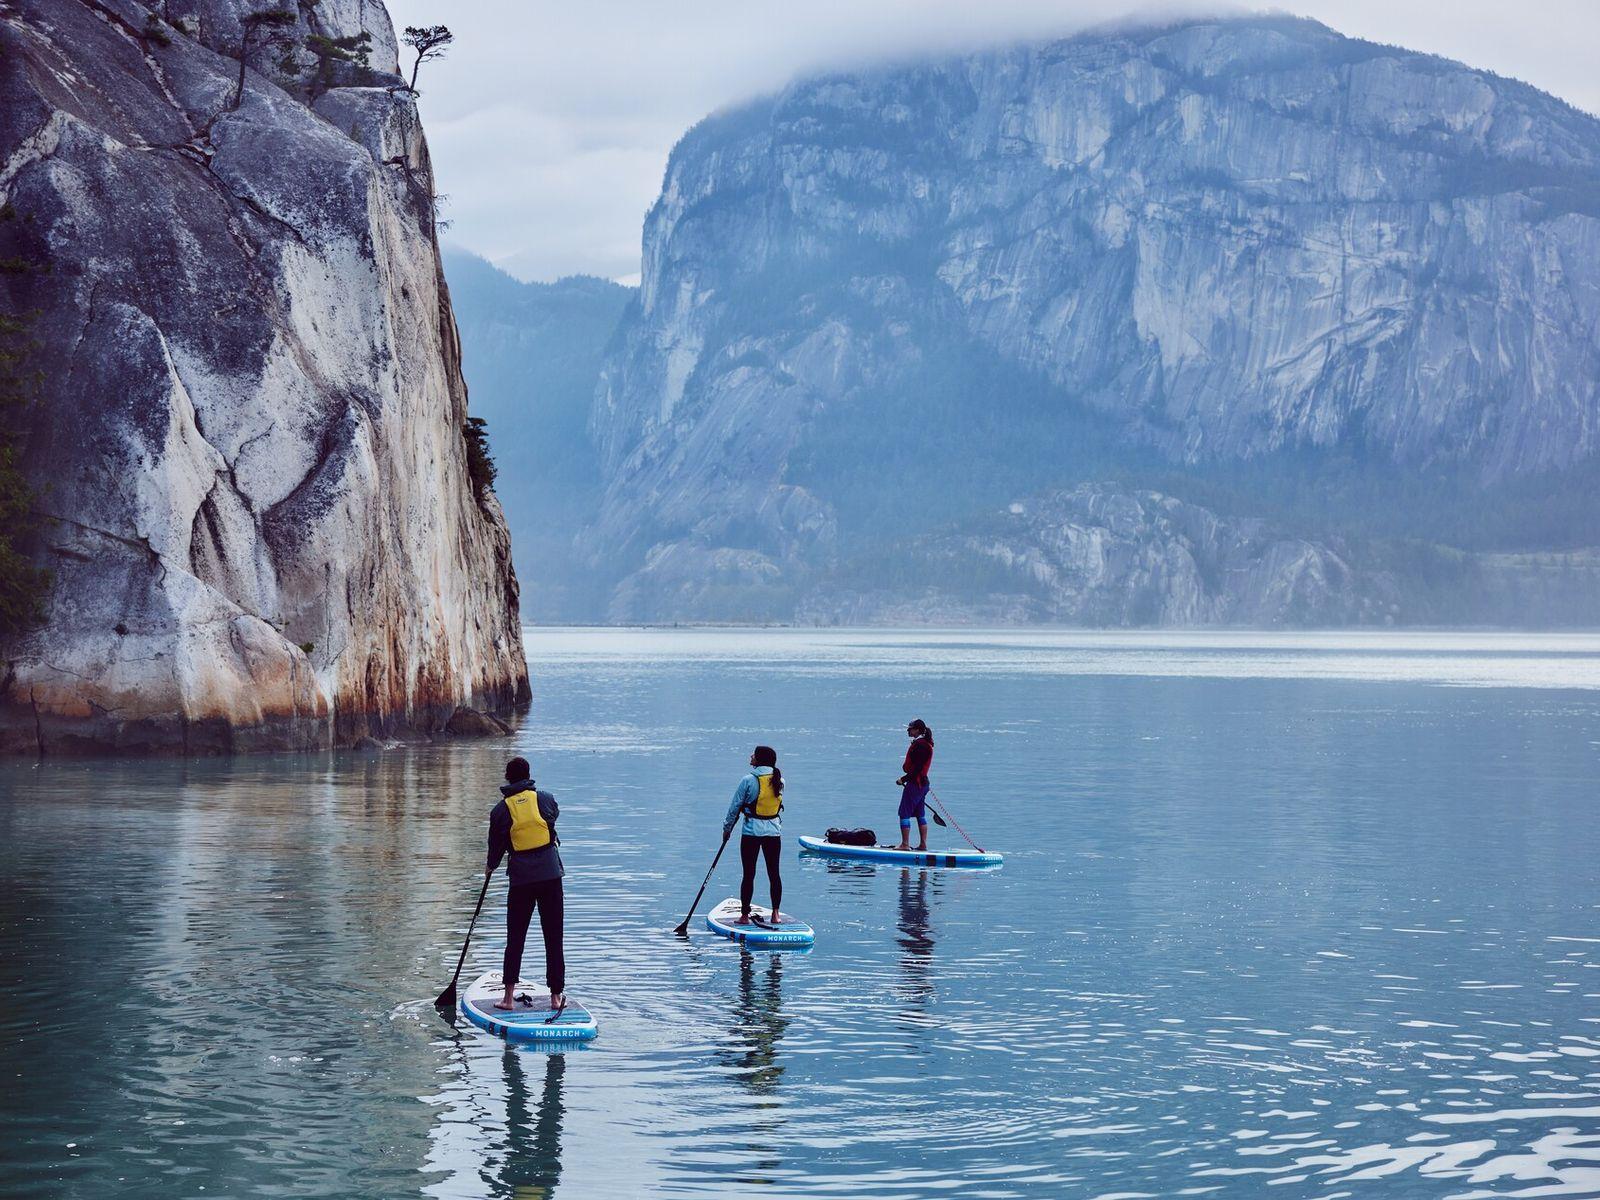 Die weitläufige Bucht Howe Sound mit ihrem unglaublich klaren Wasser und den imposanten Bergen im Hintergrund ...